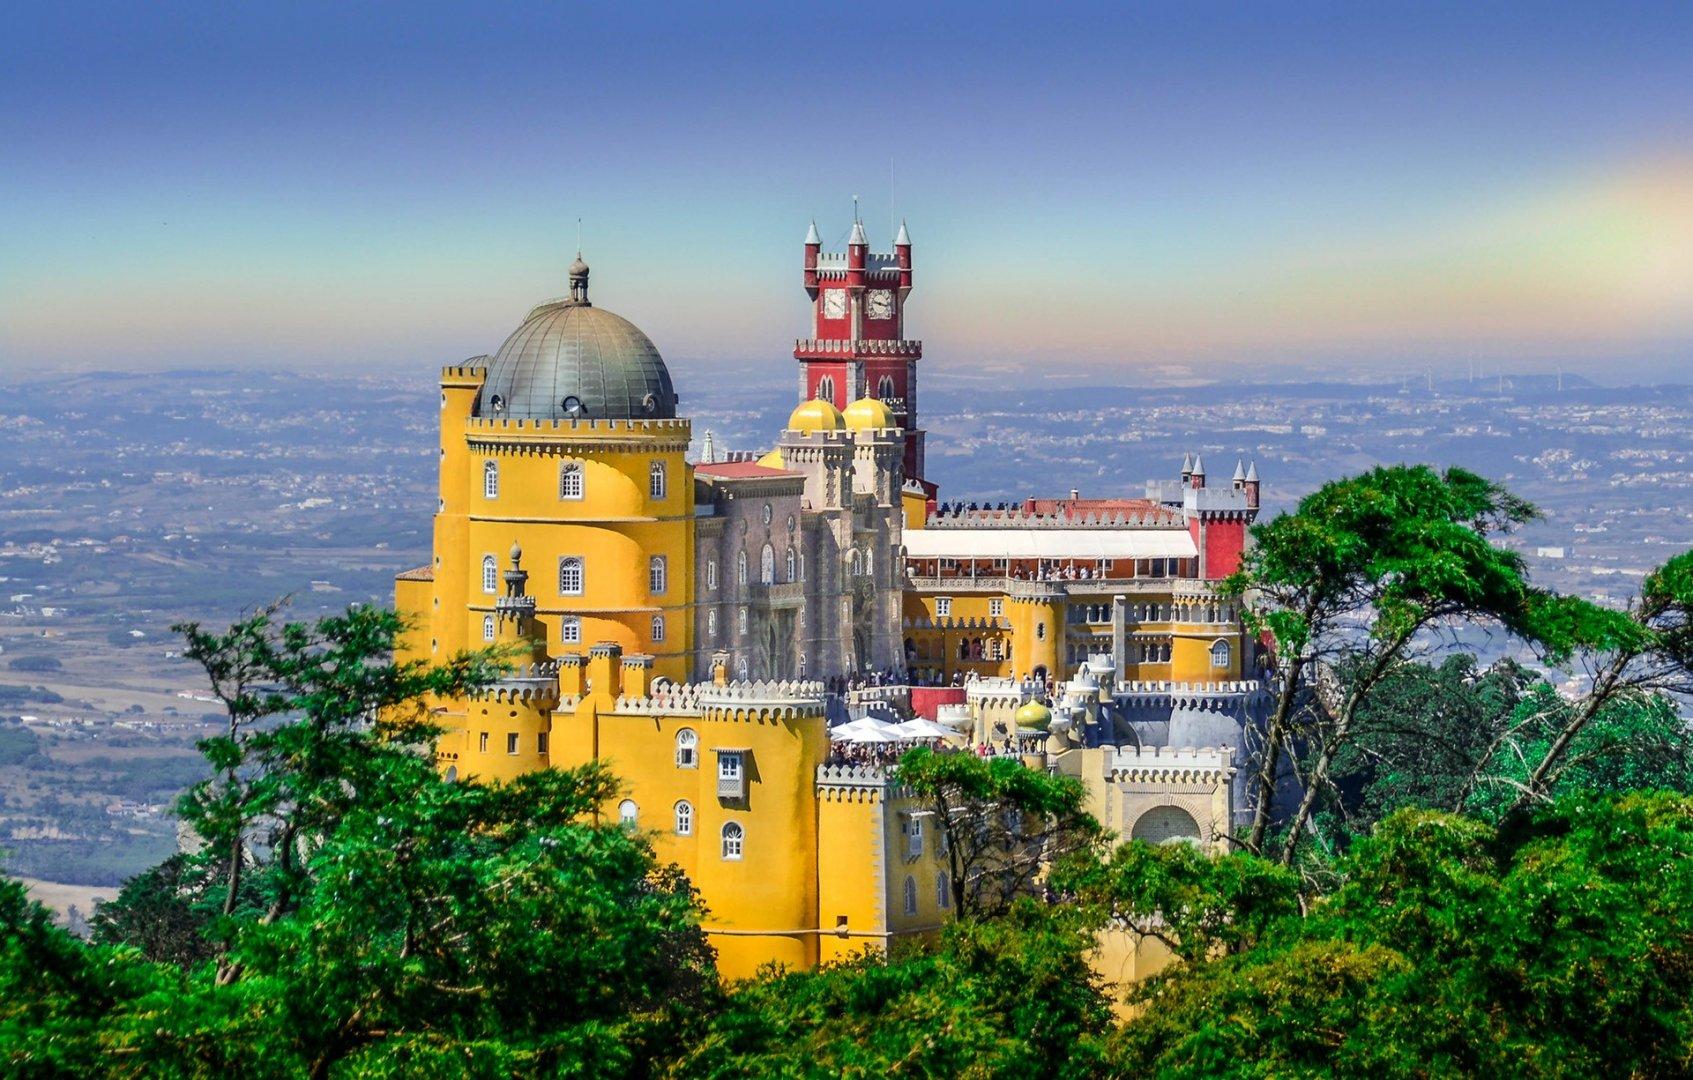 Portuguese incentive trip